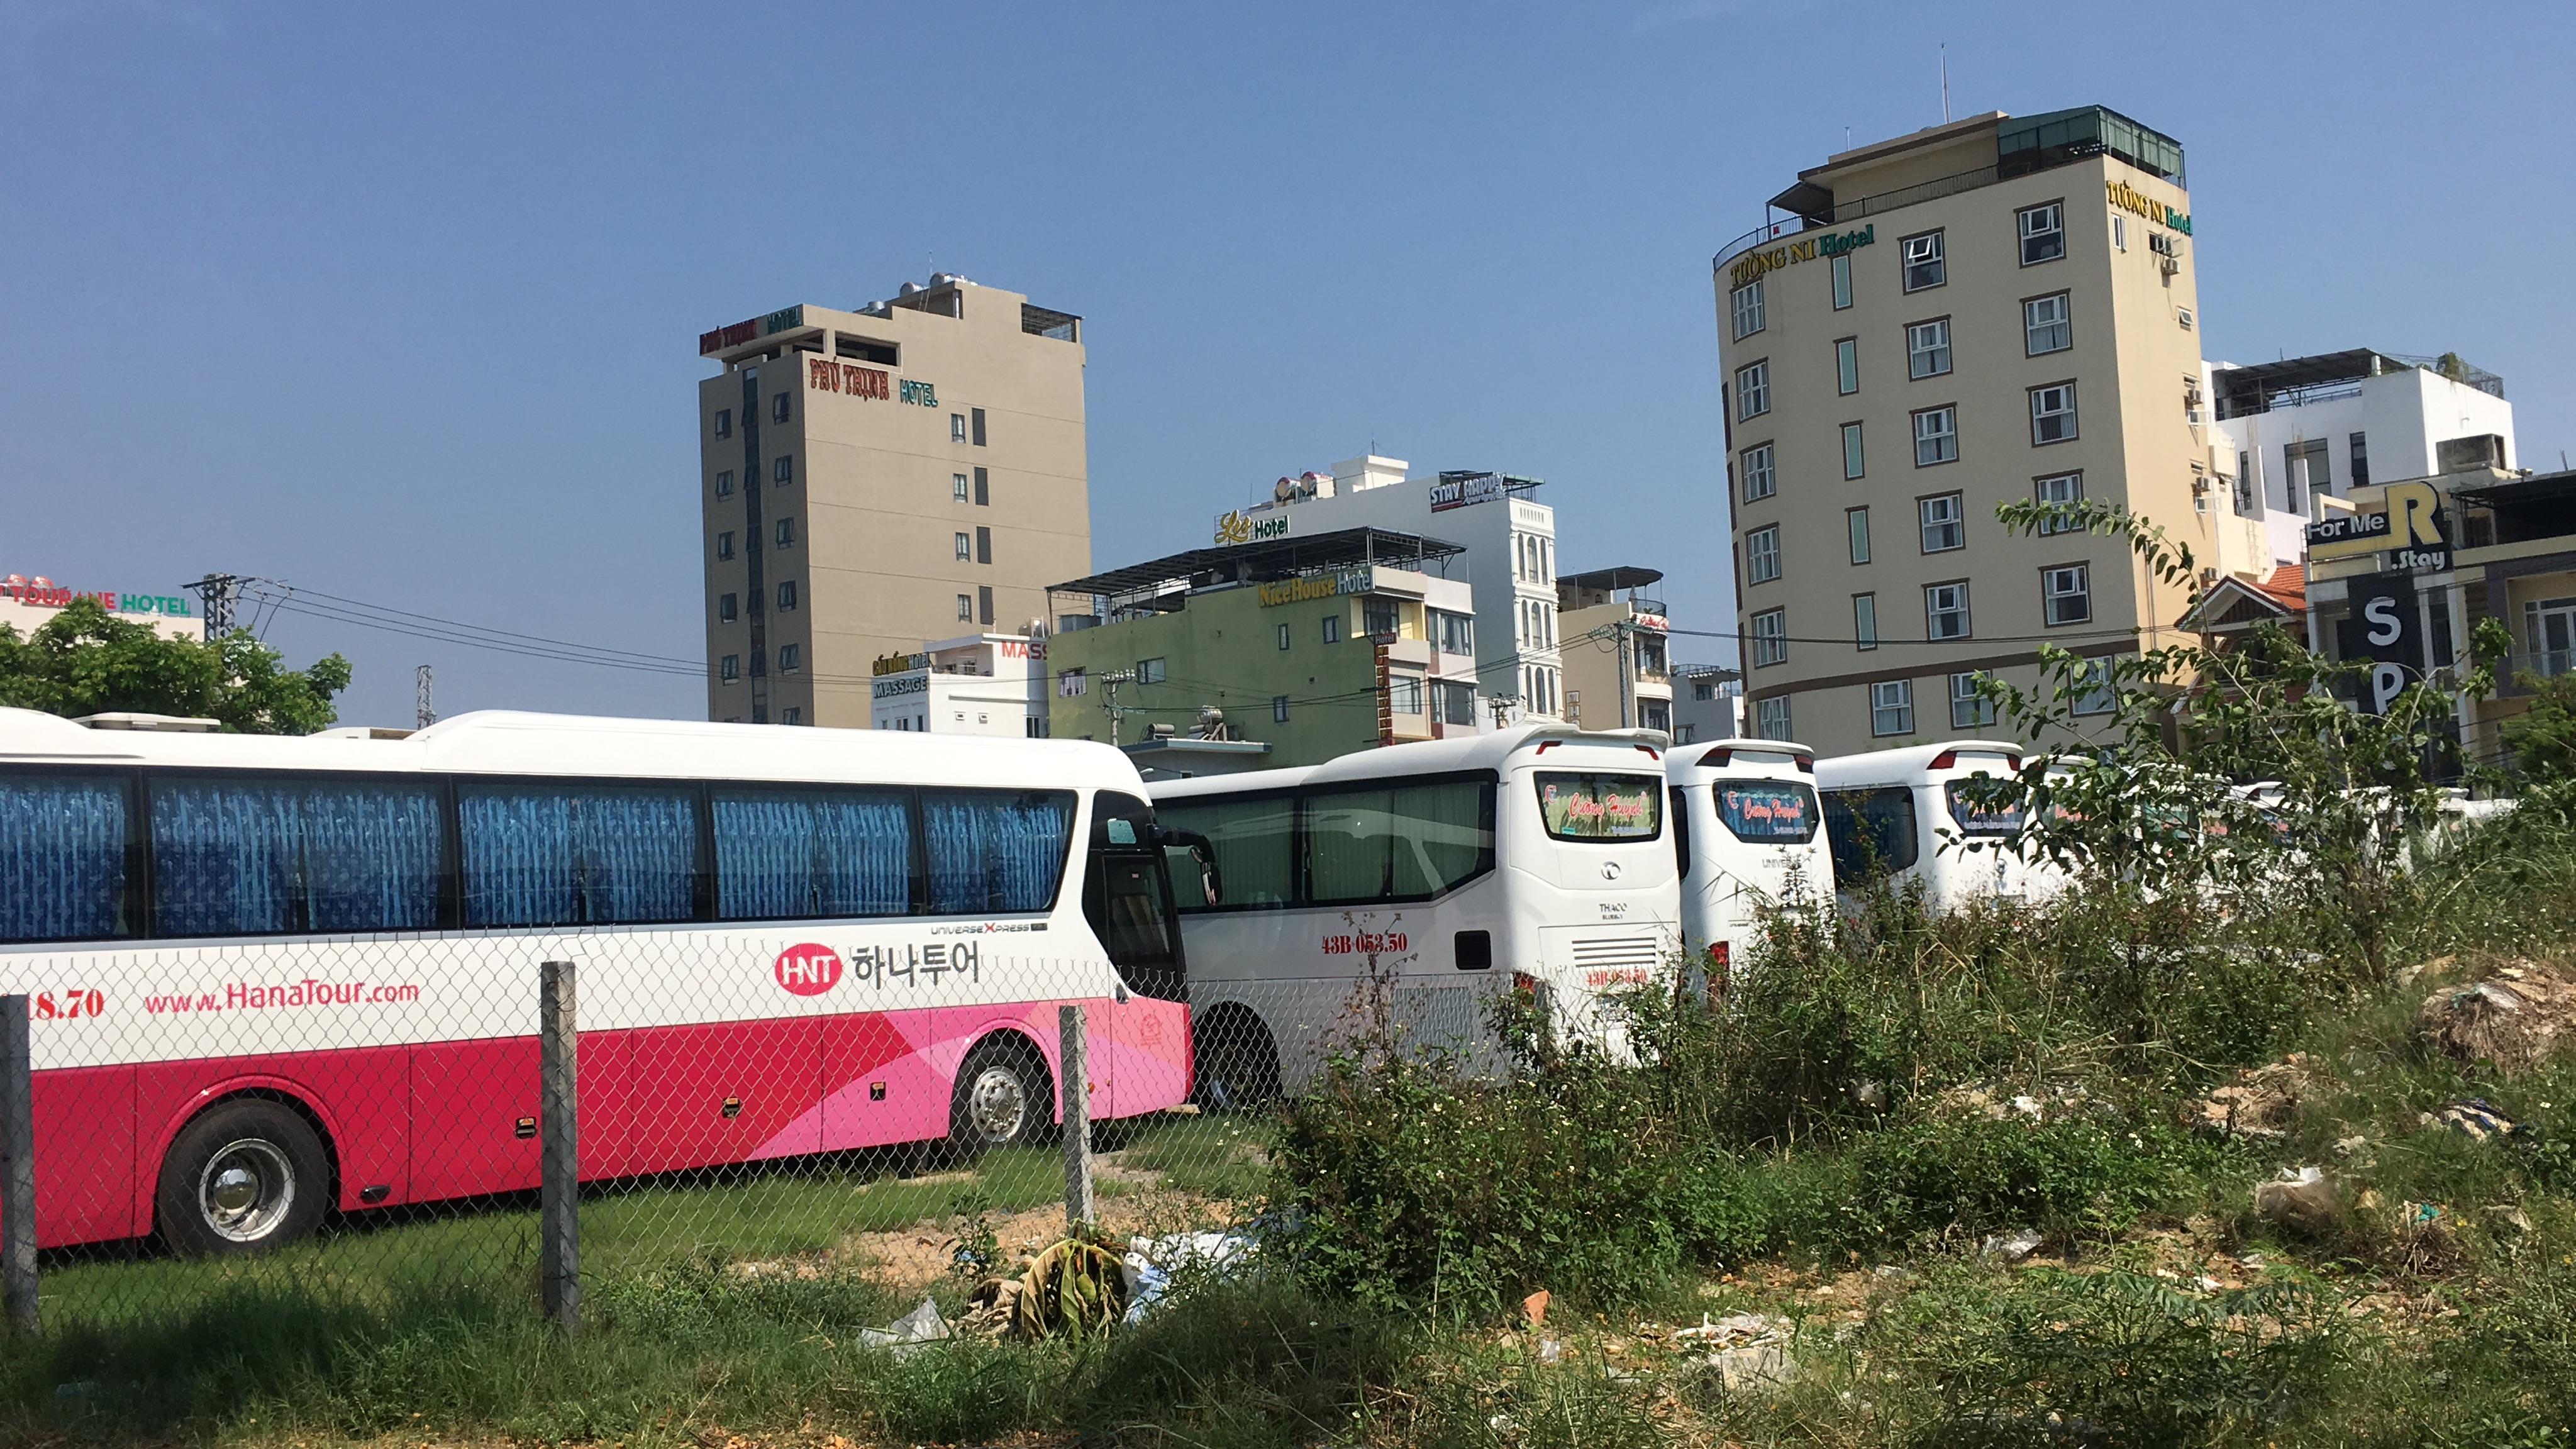 Đà Nẵng: Khách du lịch không đến, không chỉ có khách sạn mà người bán vỉa hè, hàng rong đến nhà hàng, phương tiện vận tải cũng chật vật theo - Ảnh 4.